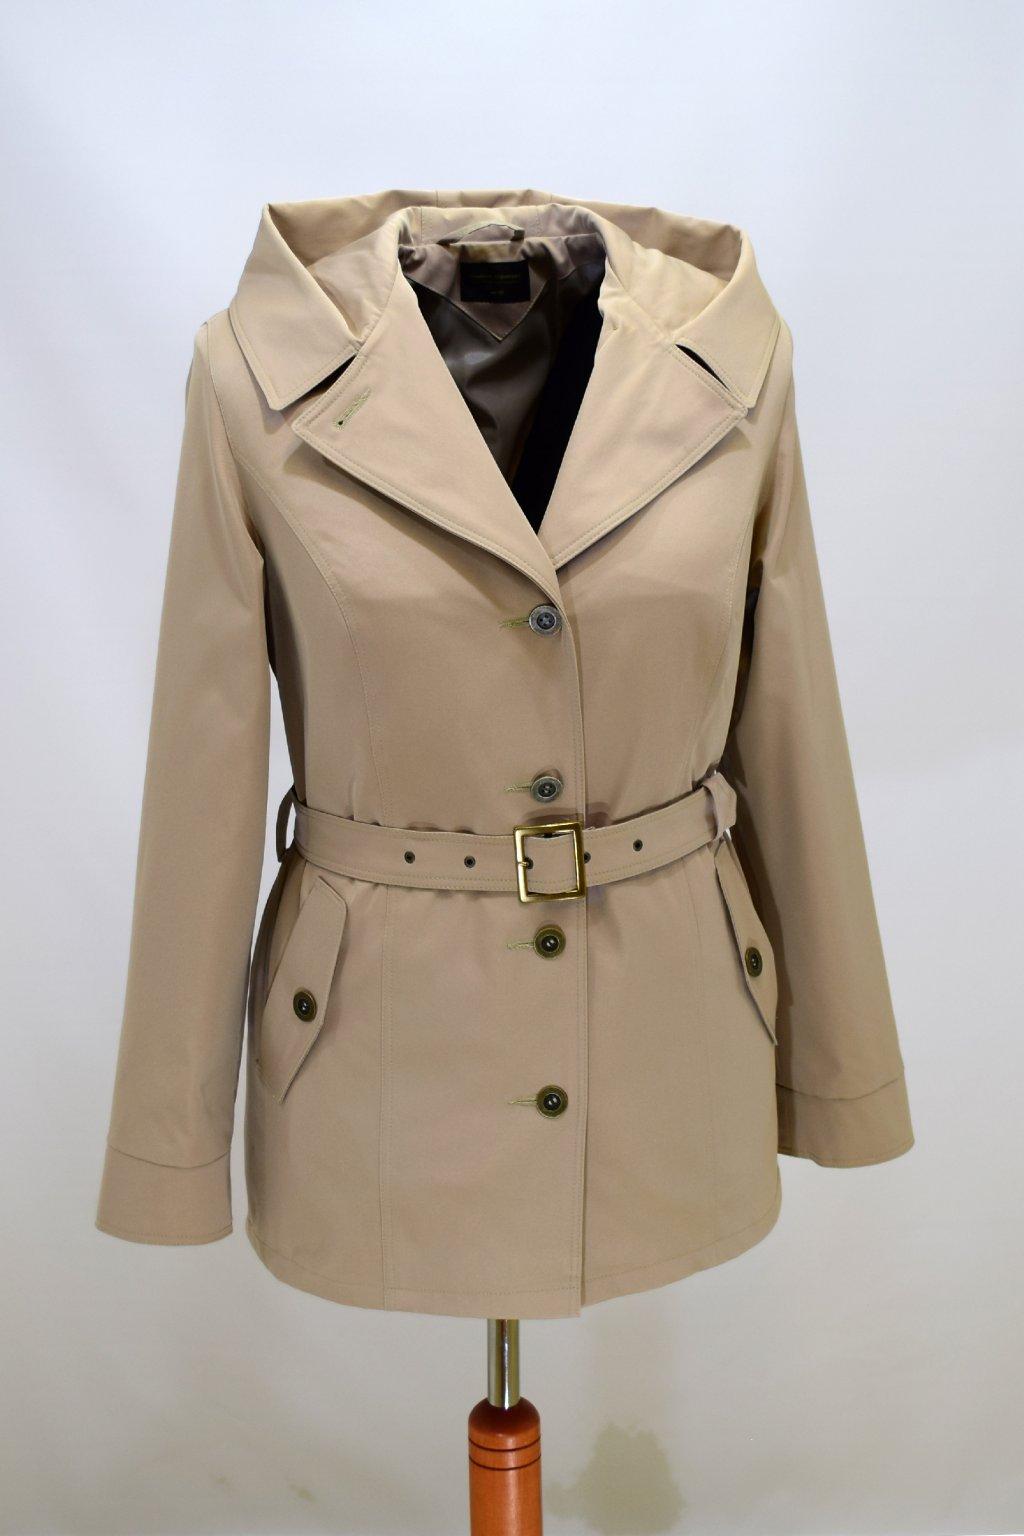 Dámský béžový jarní kabátek Eva nadměrné velikosti.